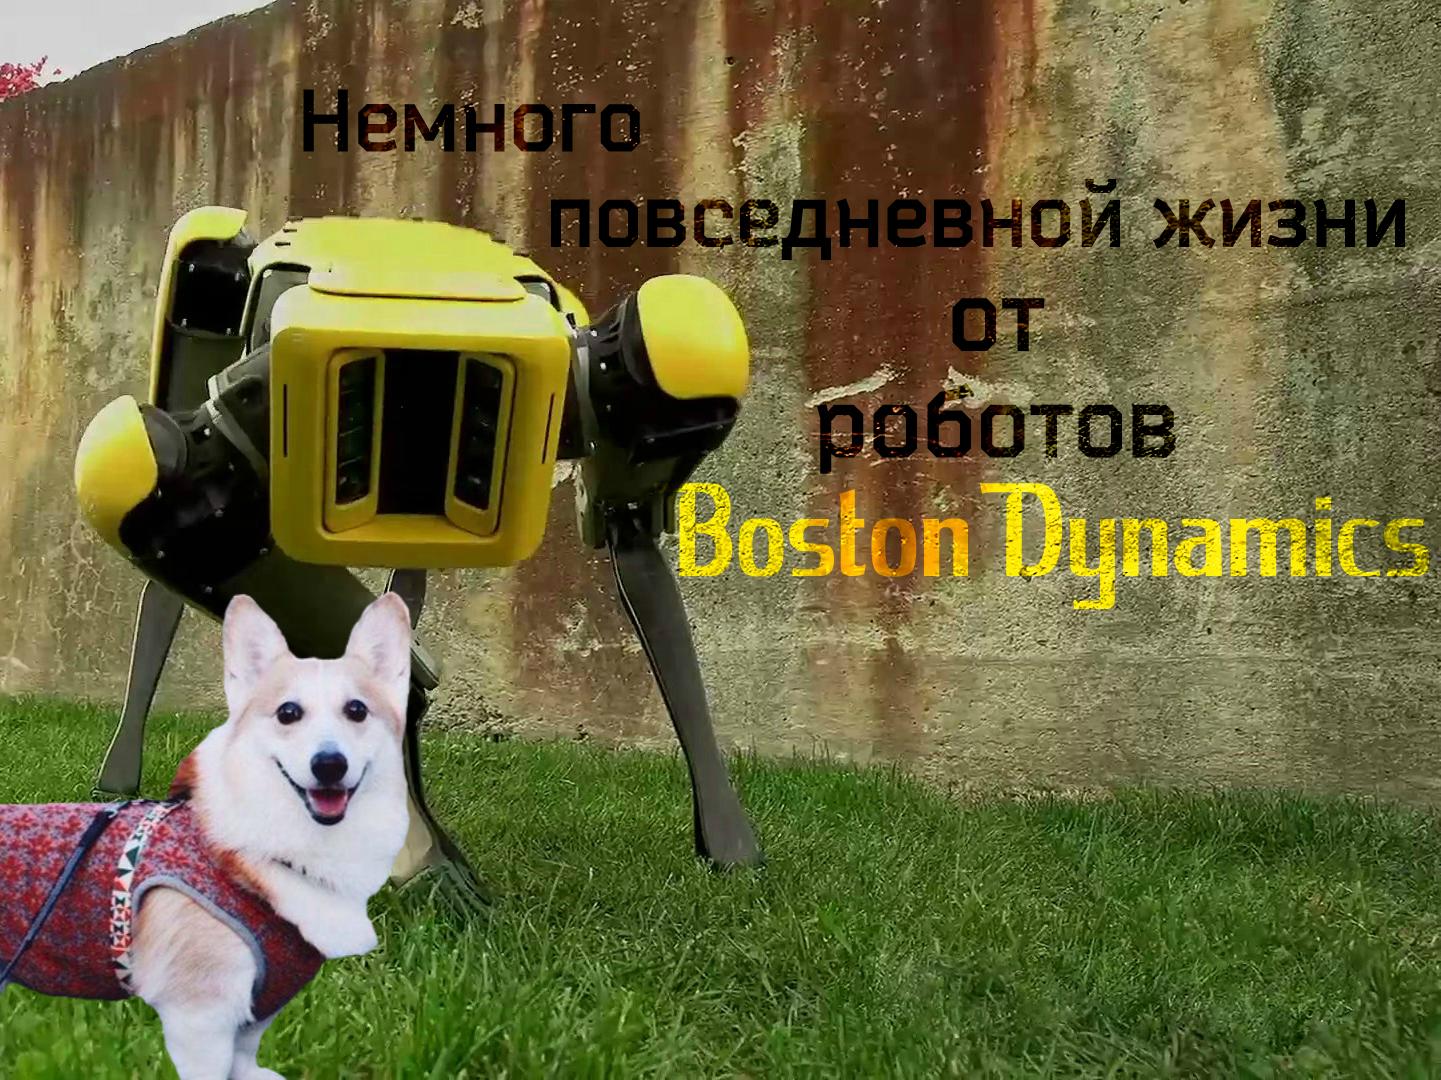 Немного повседневной жизни от роботов Boston Dynamics: гуляем со SpotMini и бегаем с Atlas